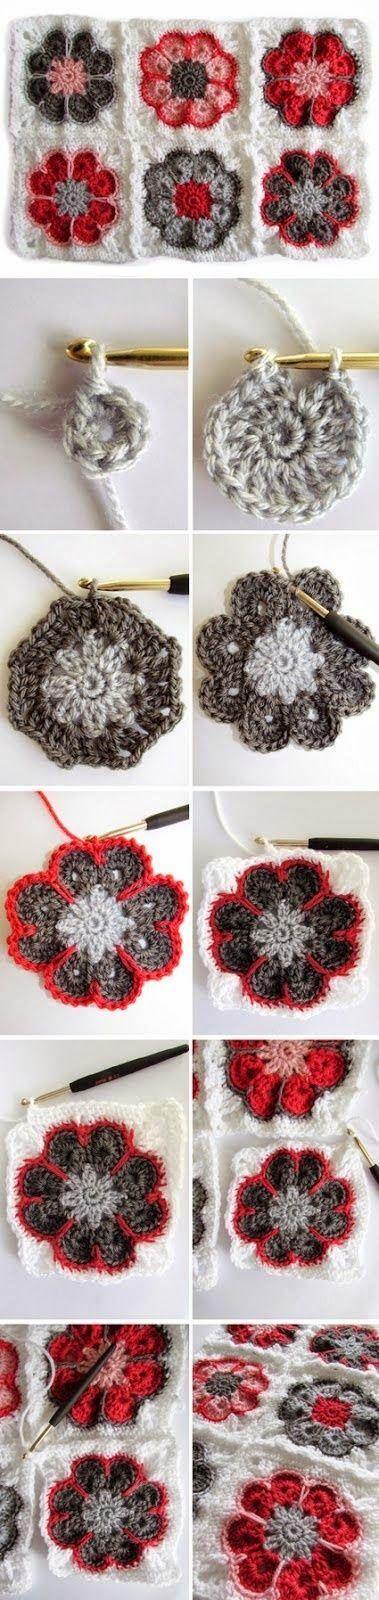 Melhor do Crochê: Colcha com Flor Africana - PAP